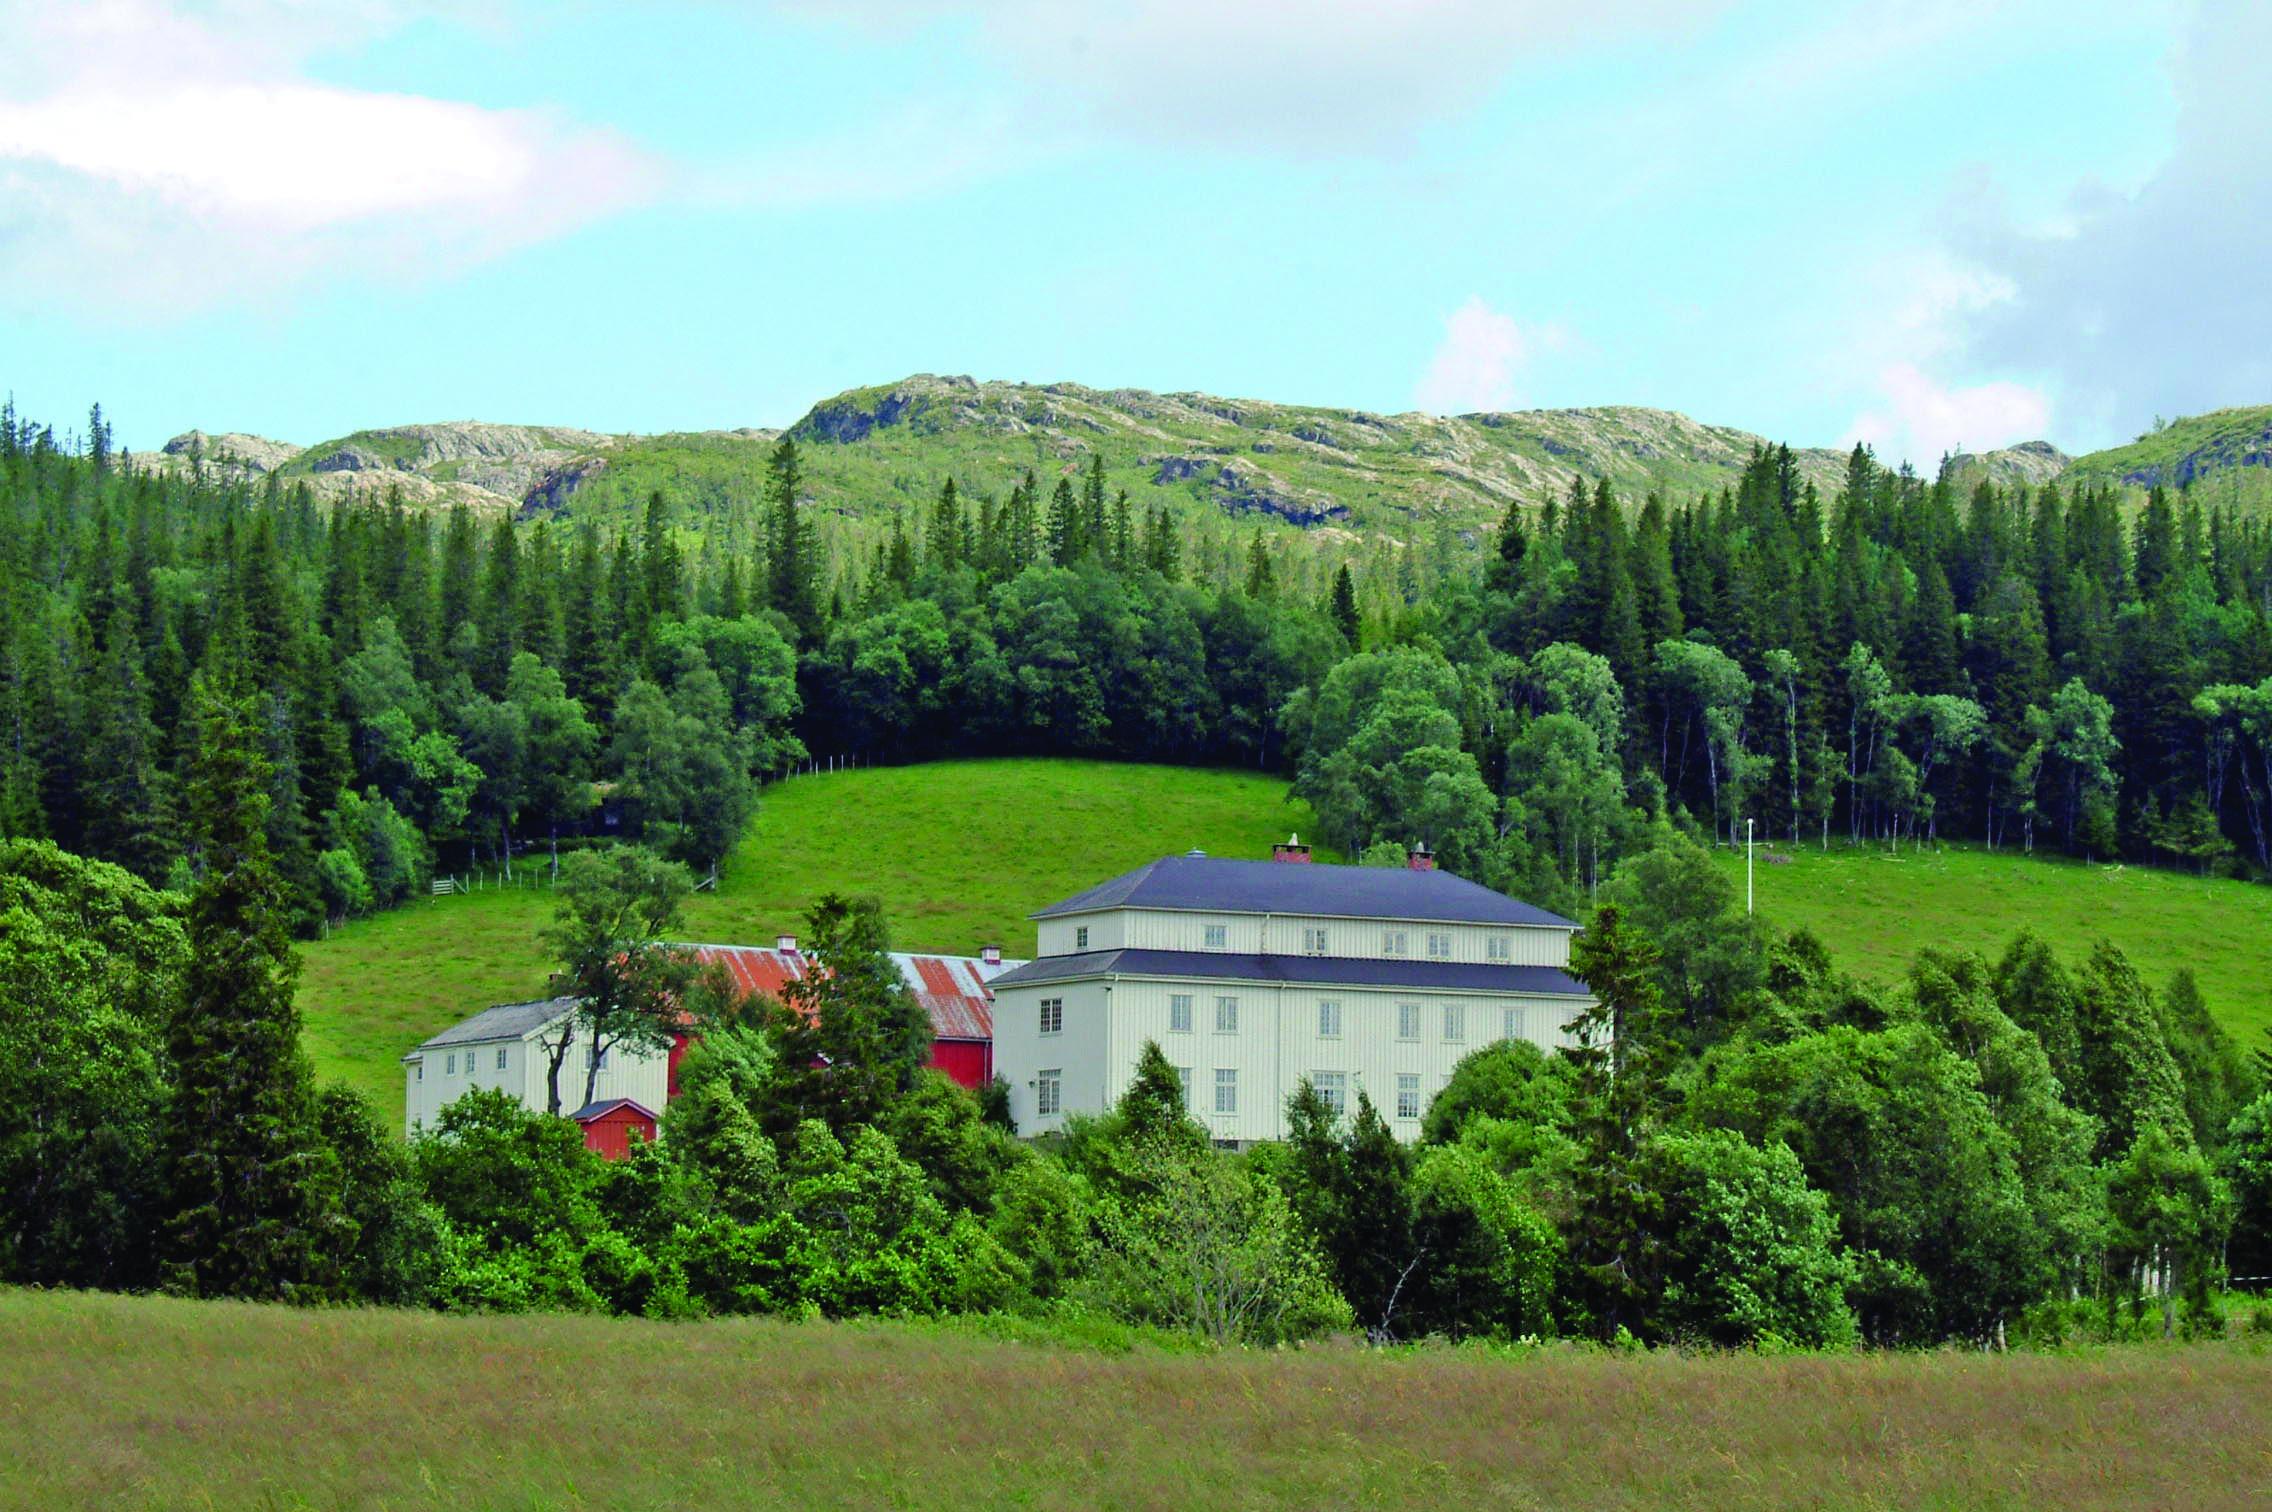 Mokk gård, Overnatting i Ogndal, Steinkjer